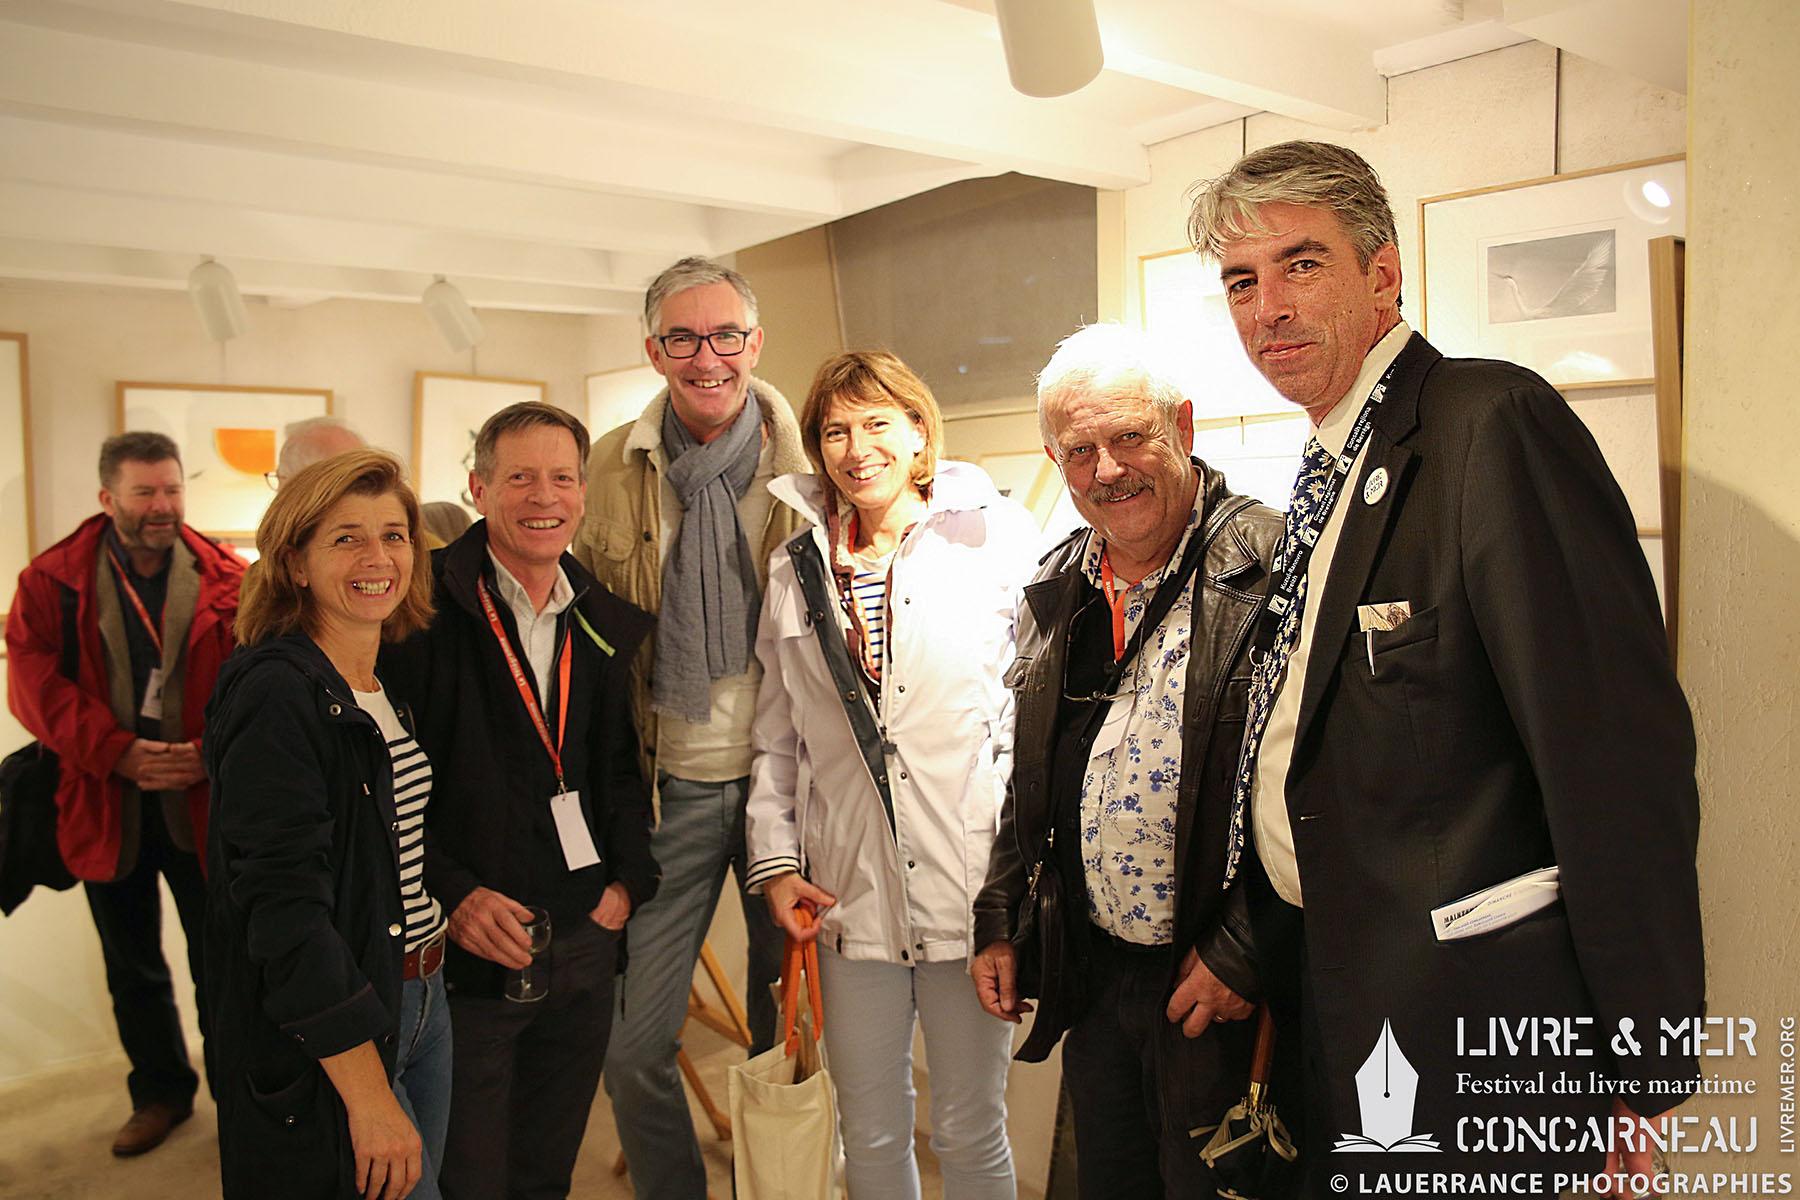 Amélia Corre, Alain Quénéhervé, Christine Le Dérout, Daniel Cario & Brieg Haslé-Le Gall © Lauerrance Photographies